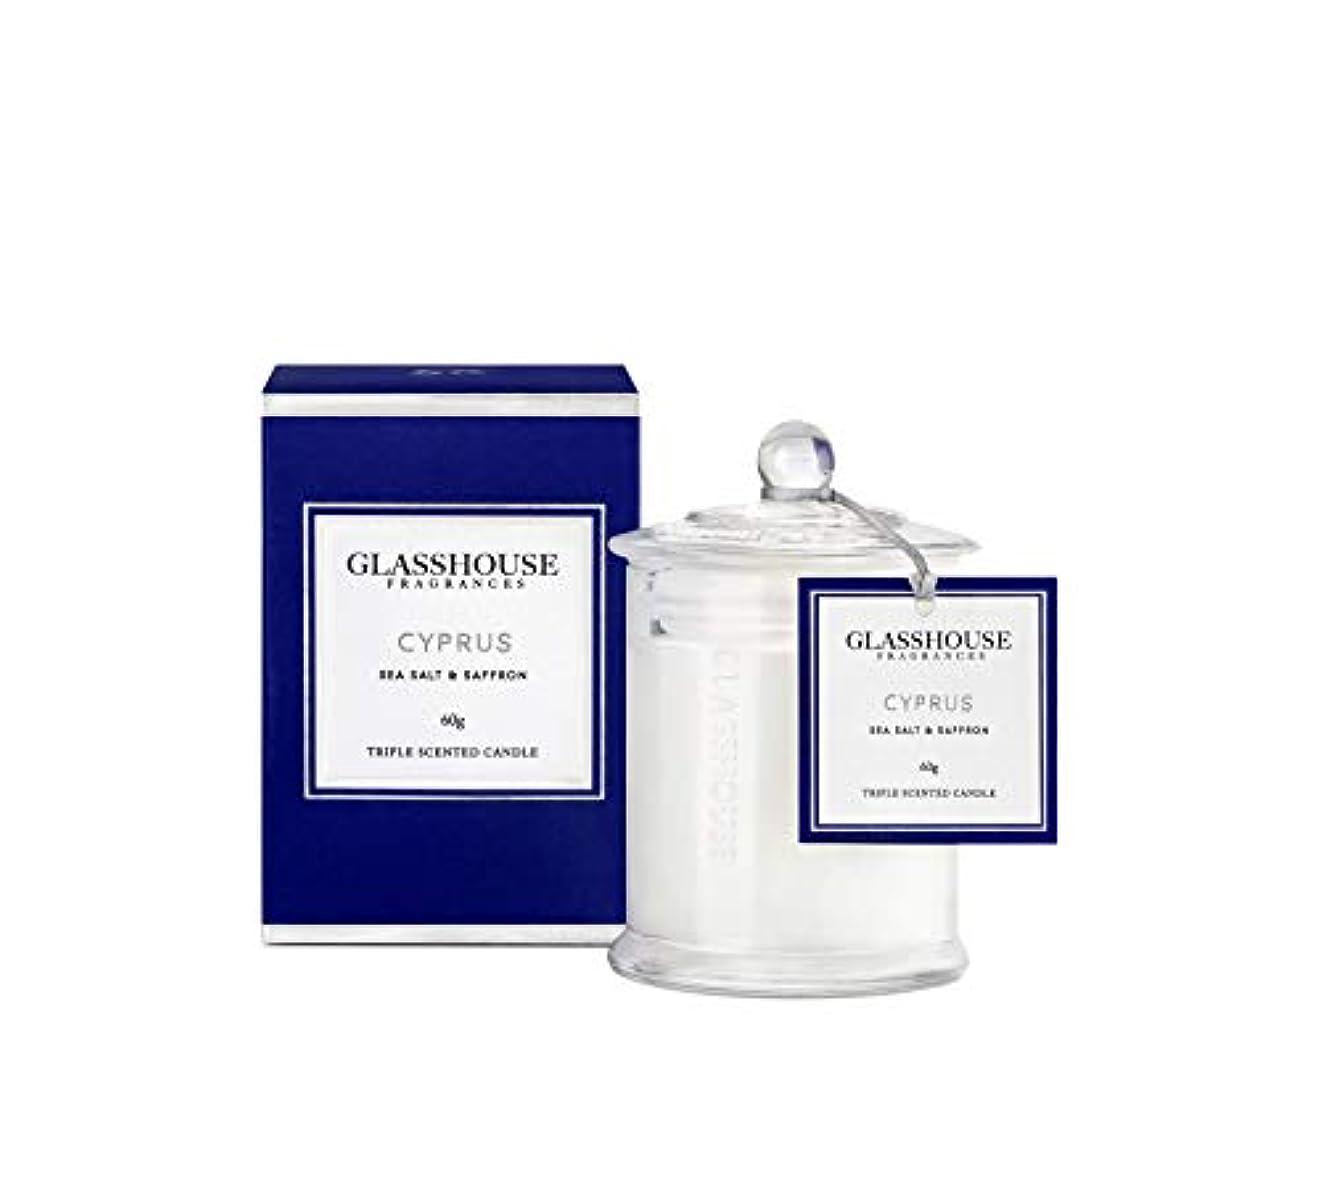 グラスハウス Triple Scented Candle - Cyprus (Sea Salt & Saffron) 60g並行輸入品